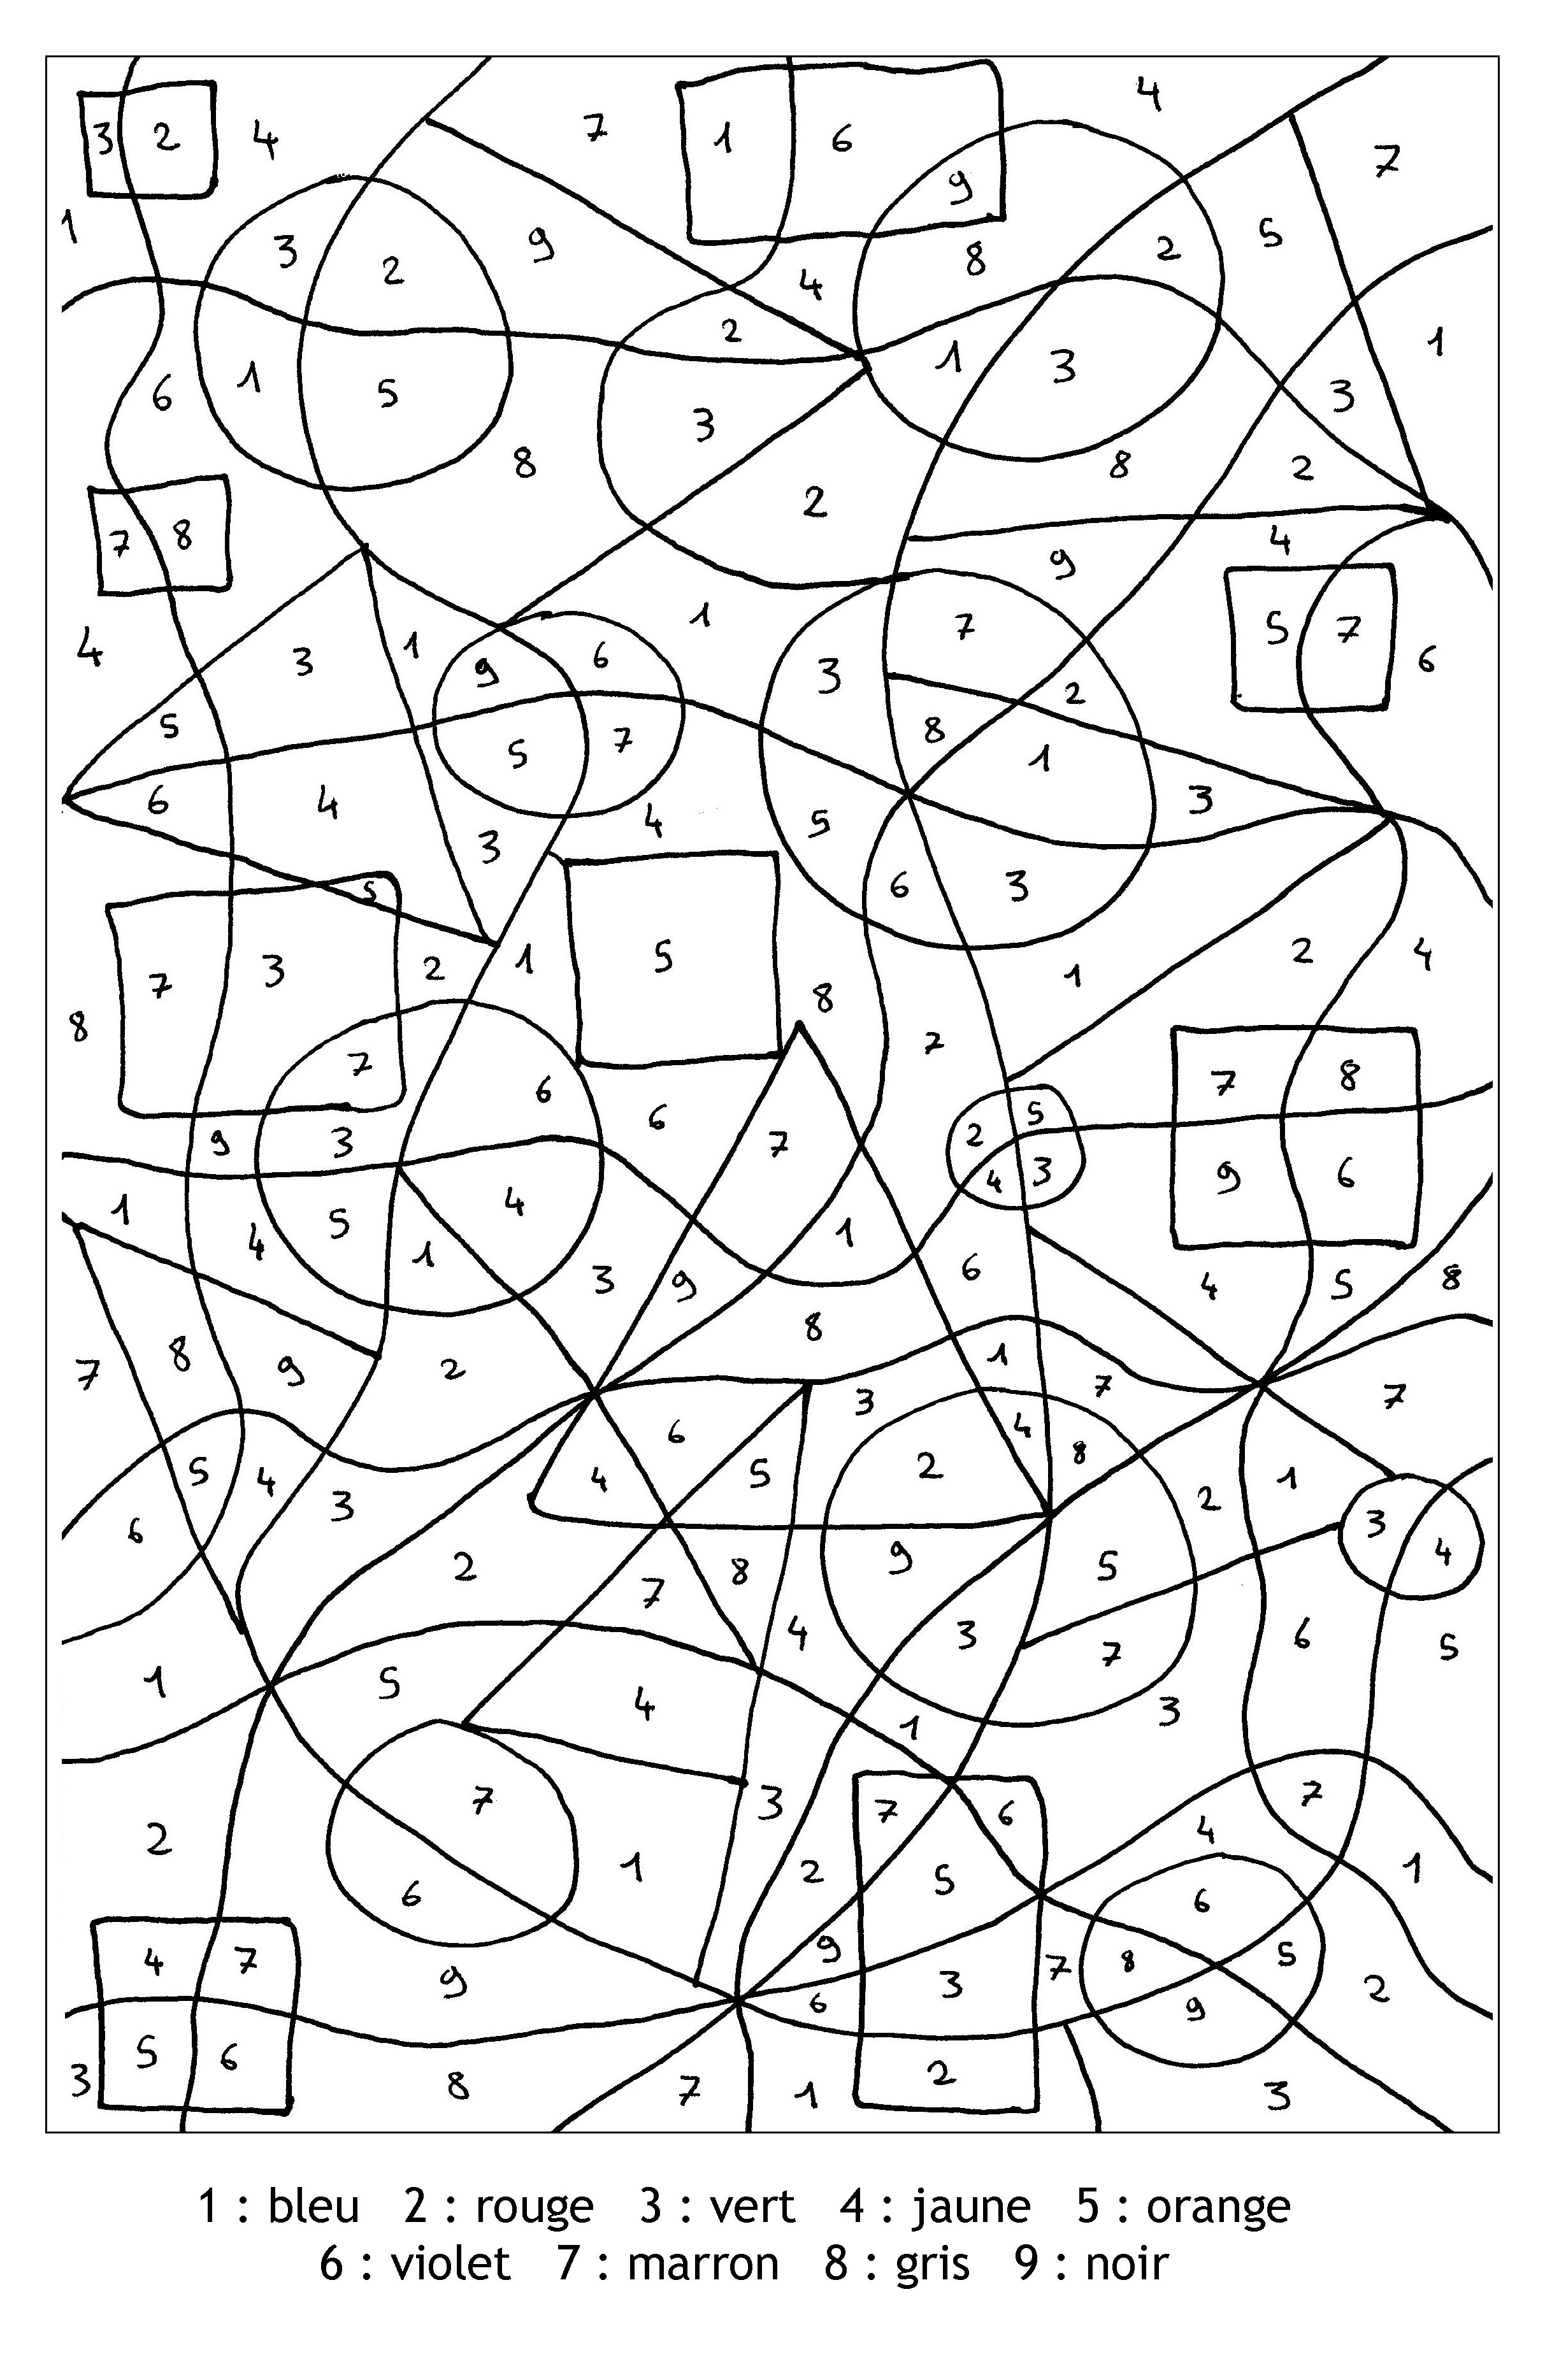 Magique chiffres formes coloriage magique coloriages pour enfants - Coloriage magique pour cm2 ...